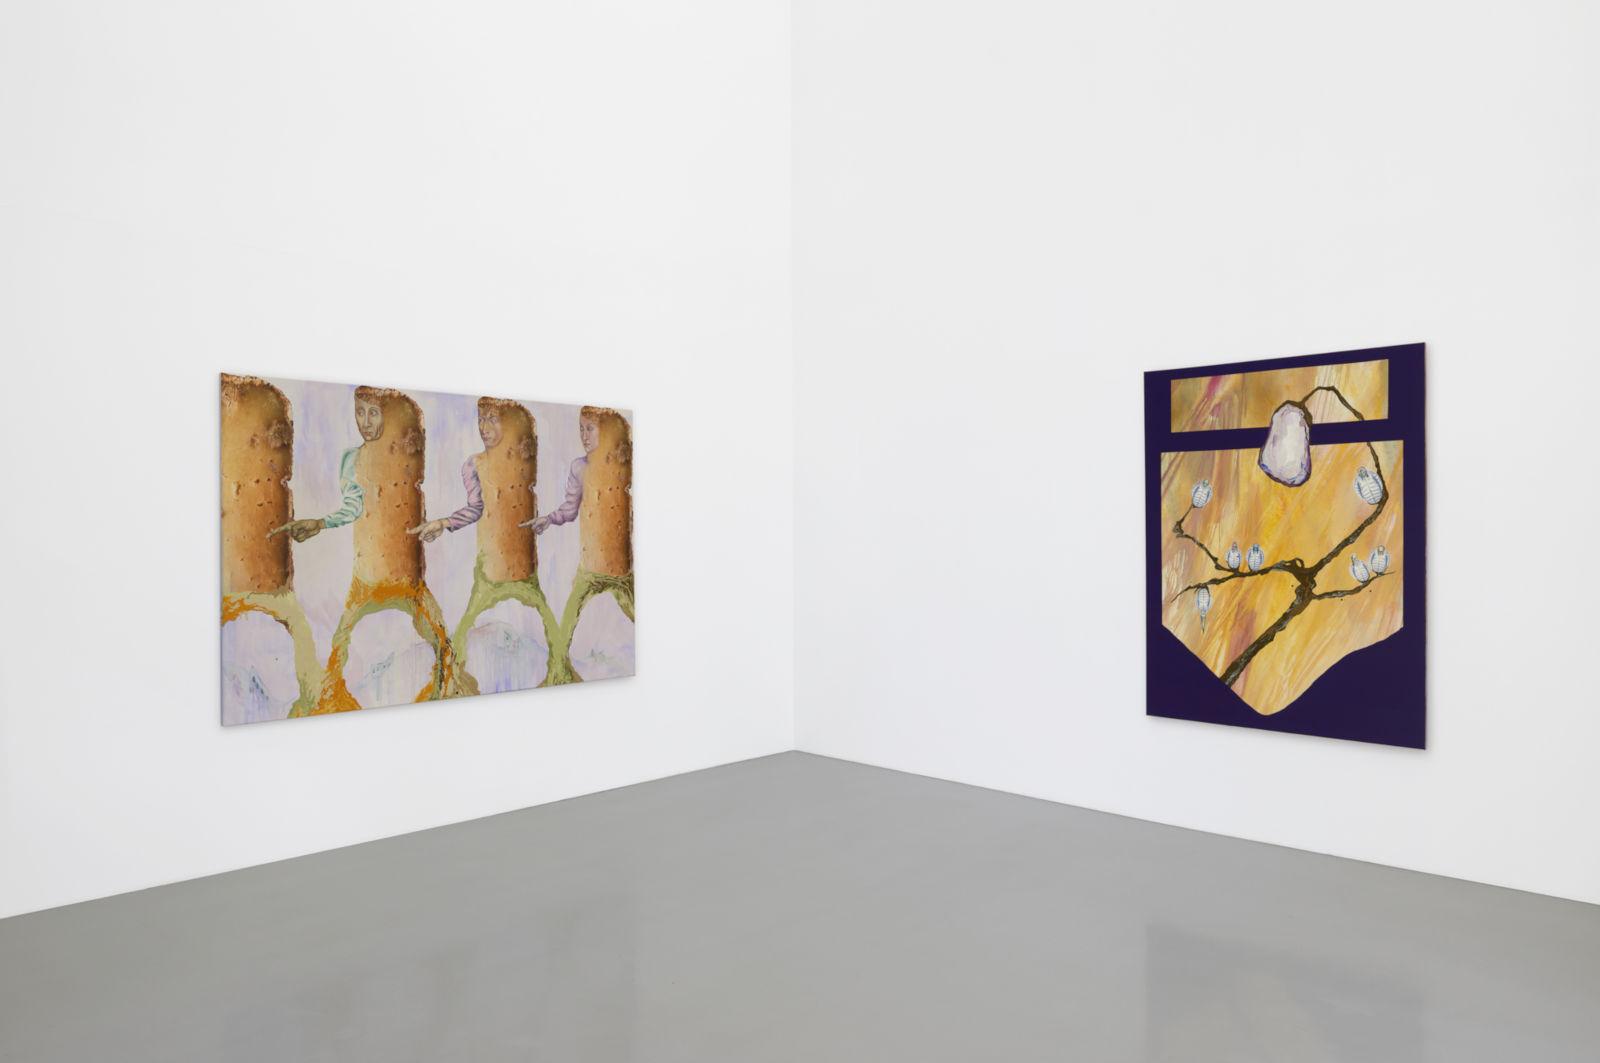 Galerie Meyer Kainer Anne Speier 1